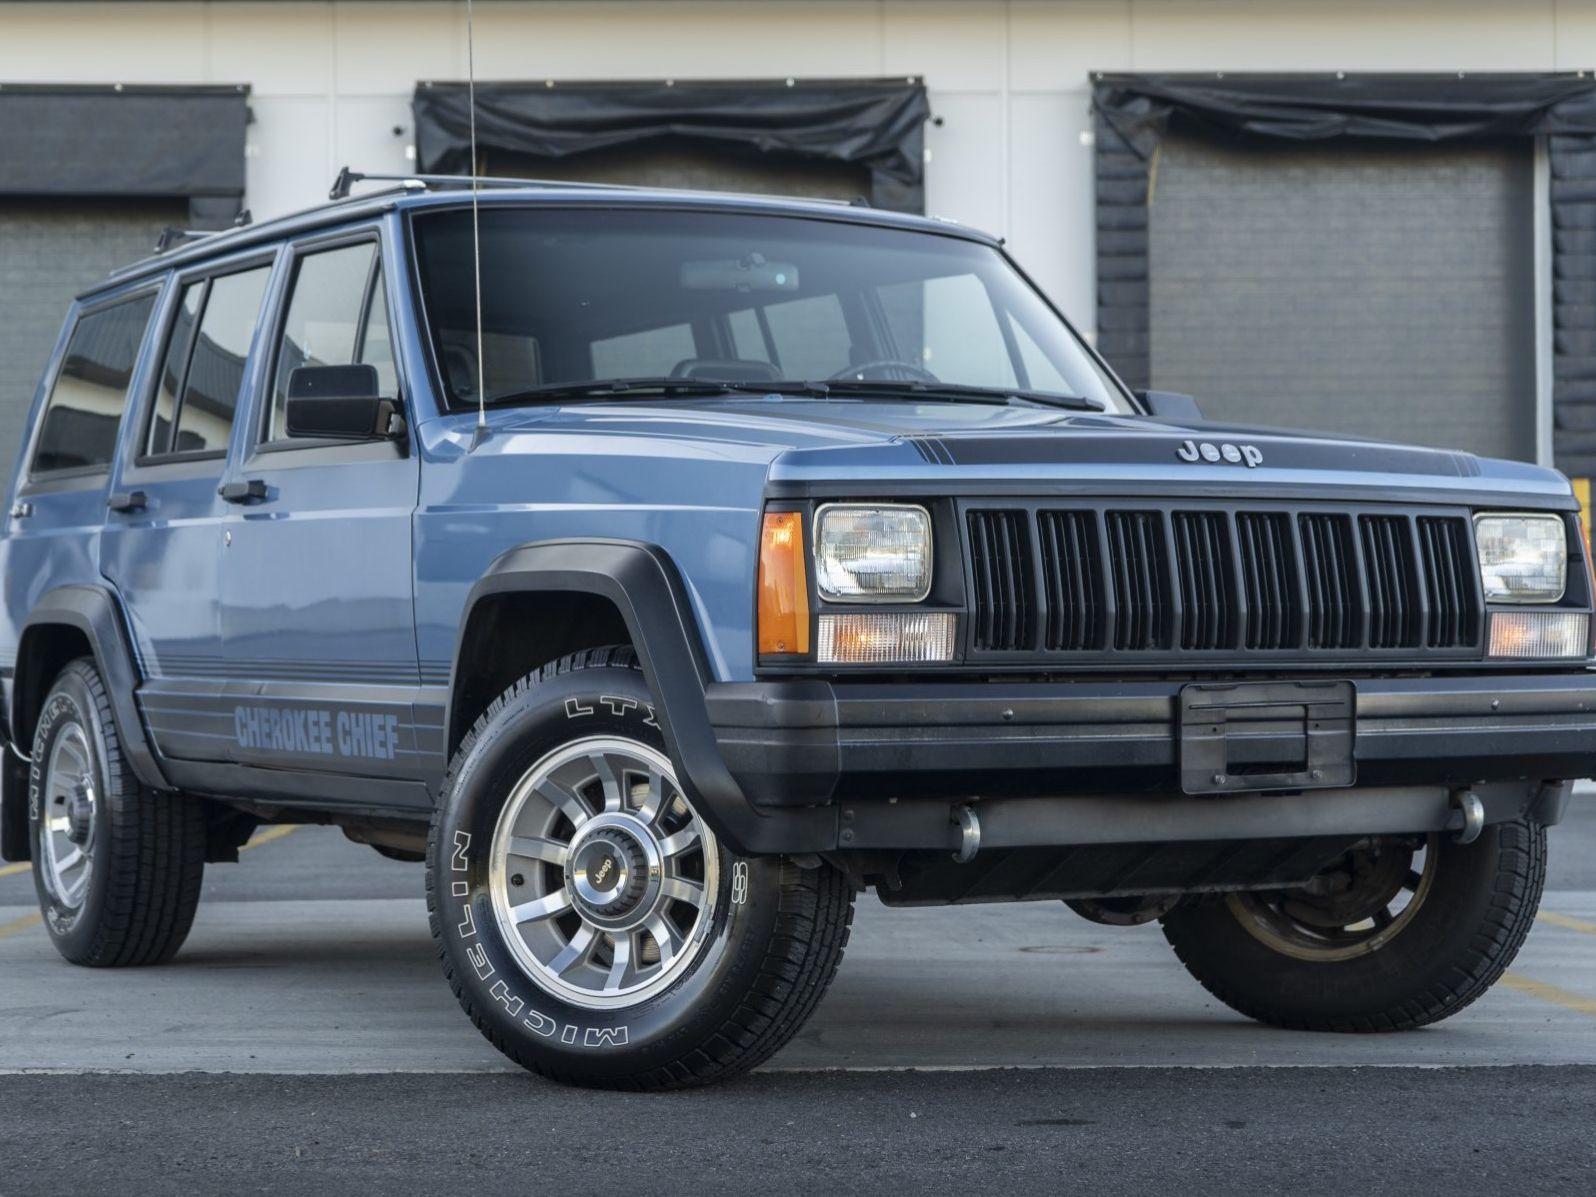 1988 Jeep Cherokee Chief 4×4